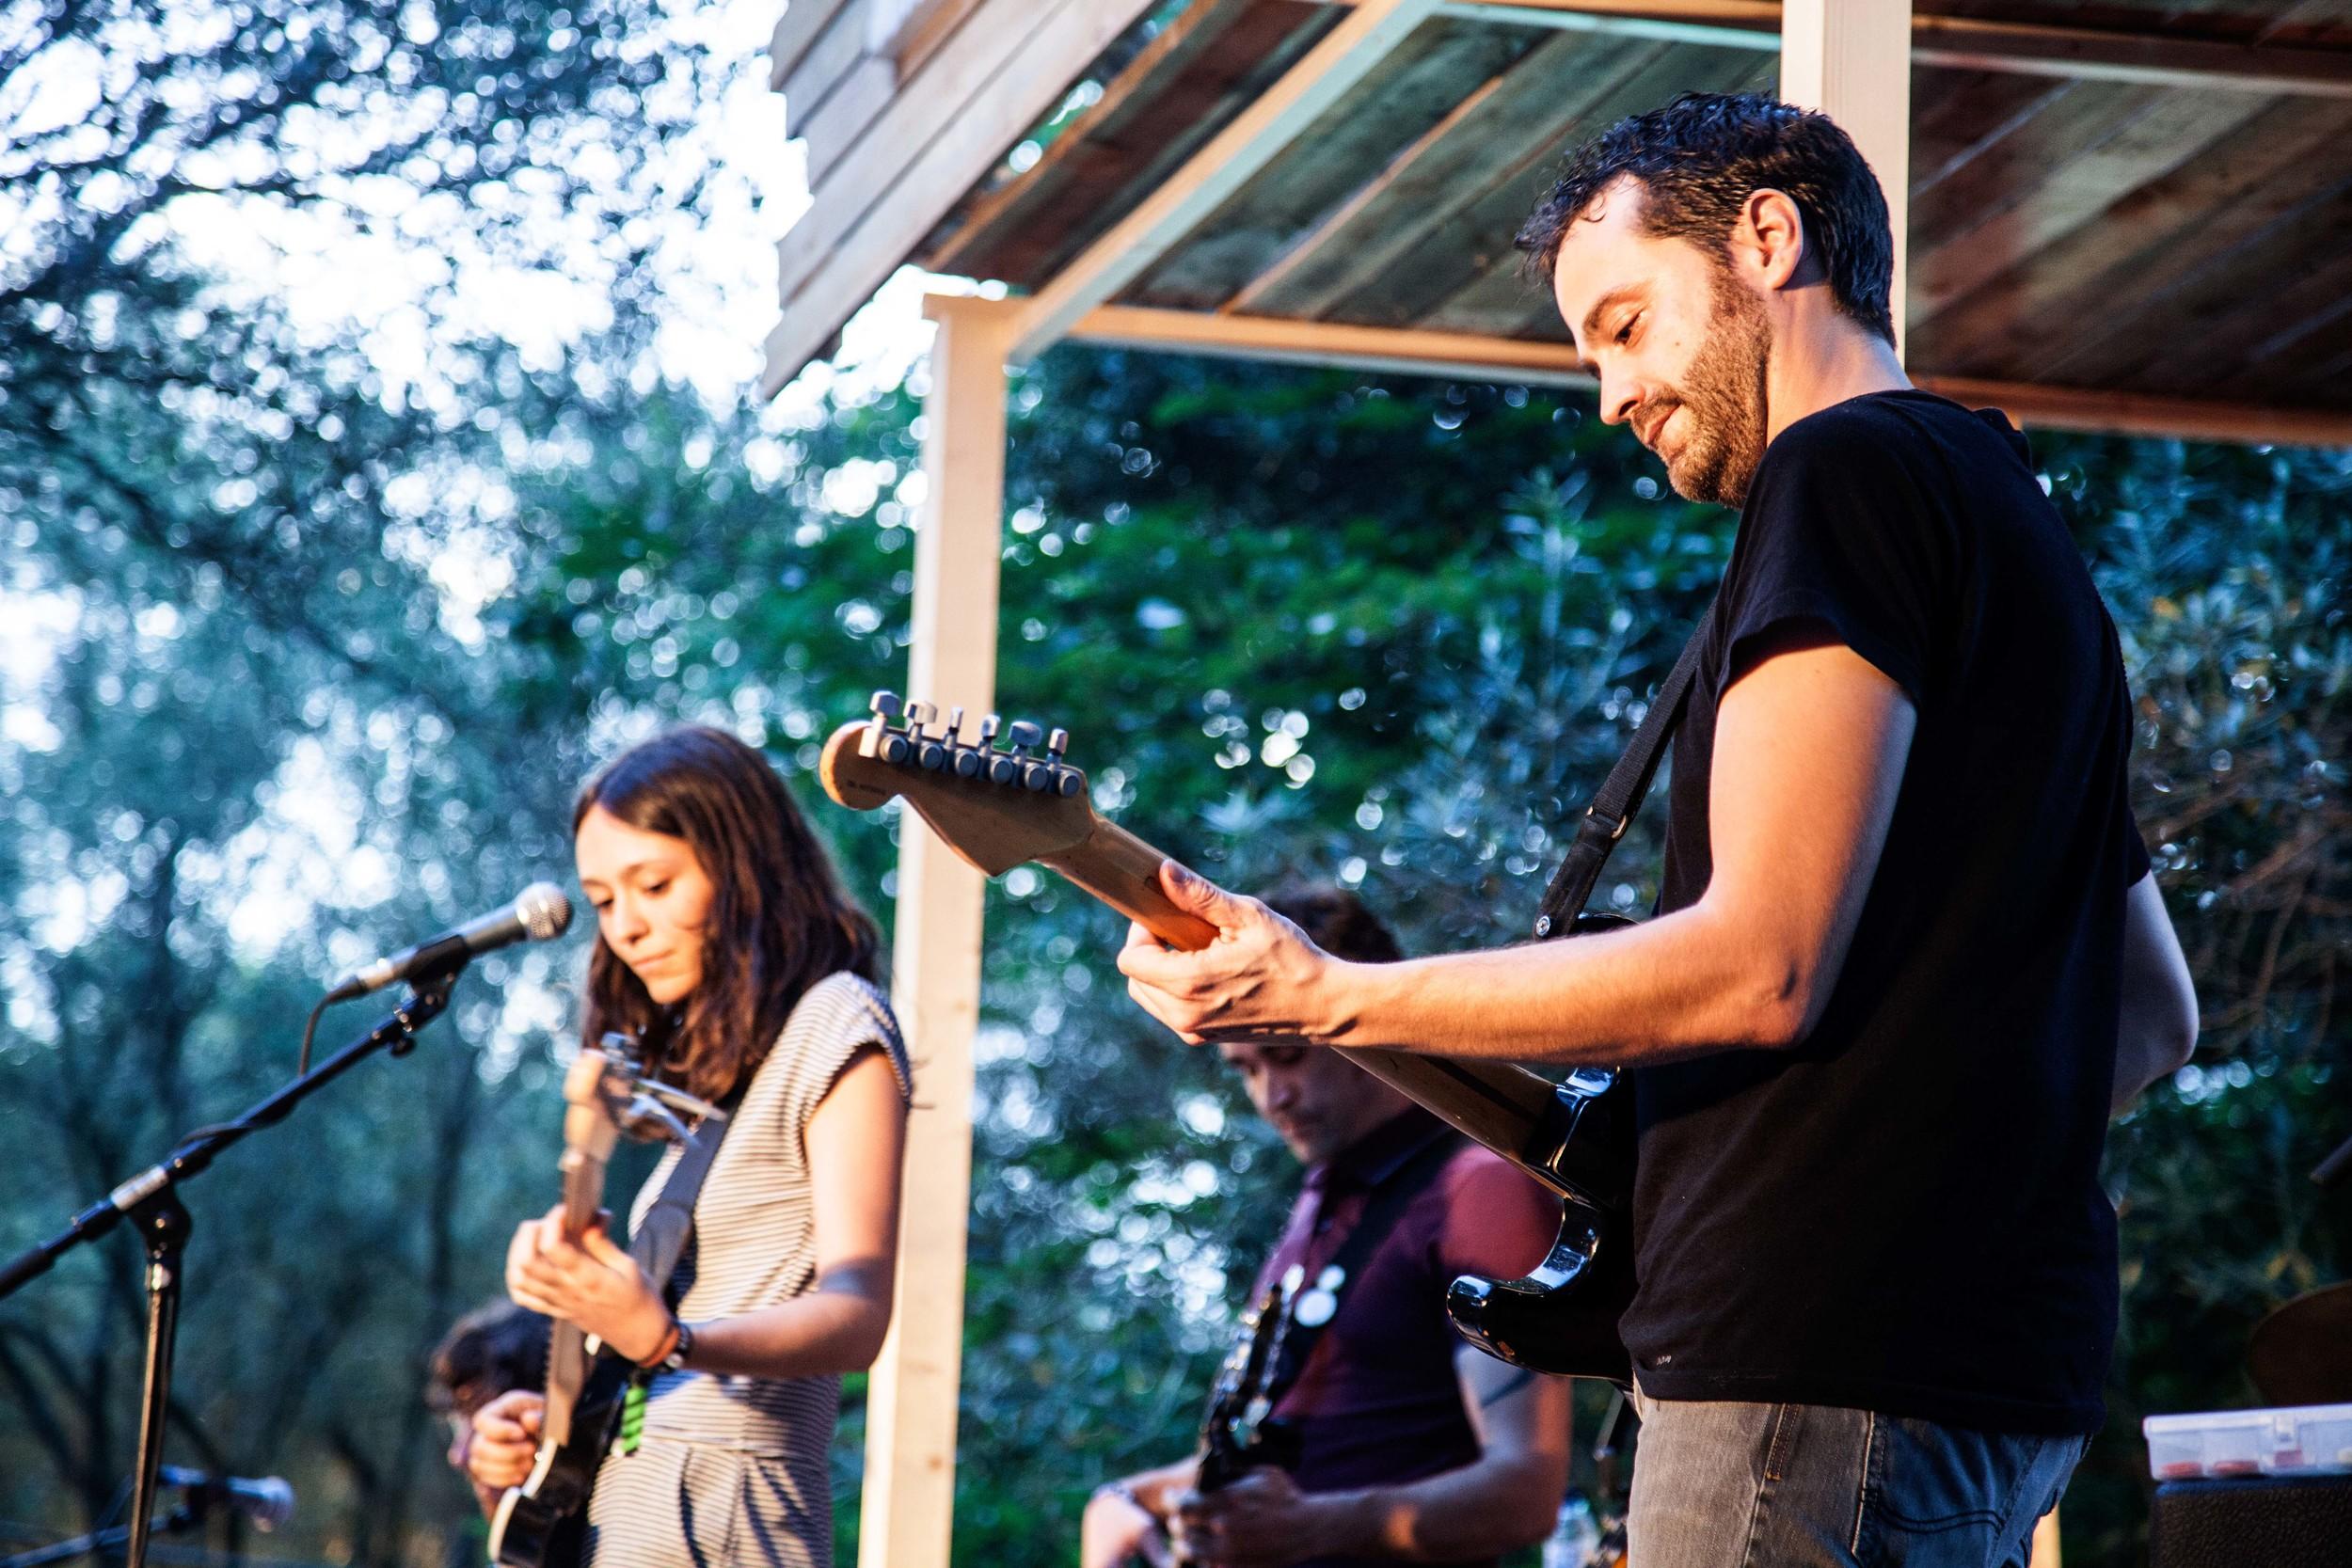 19_Renaldo&Clara_14_Vida Festival_Escenari La Cabana_La Cabana.jpg